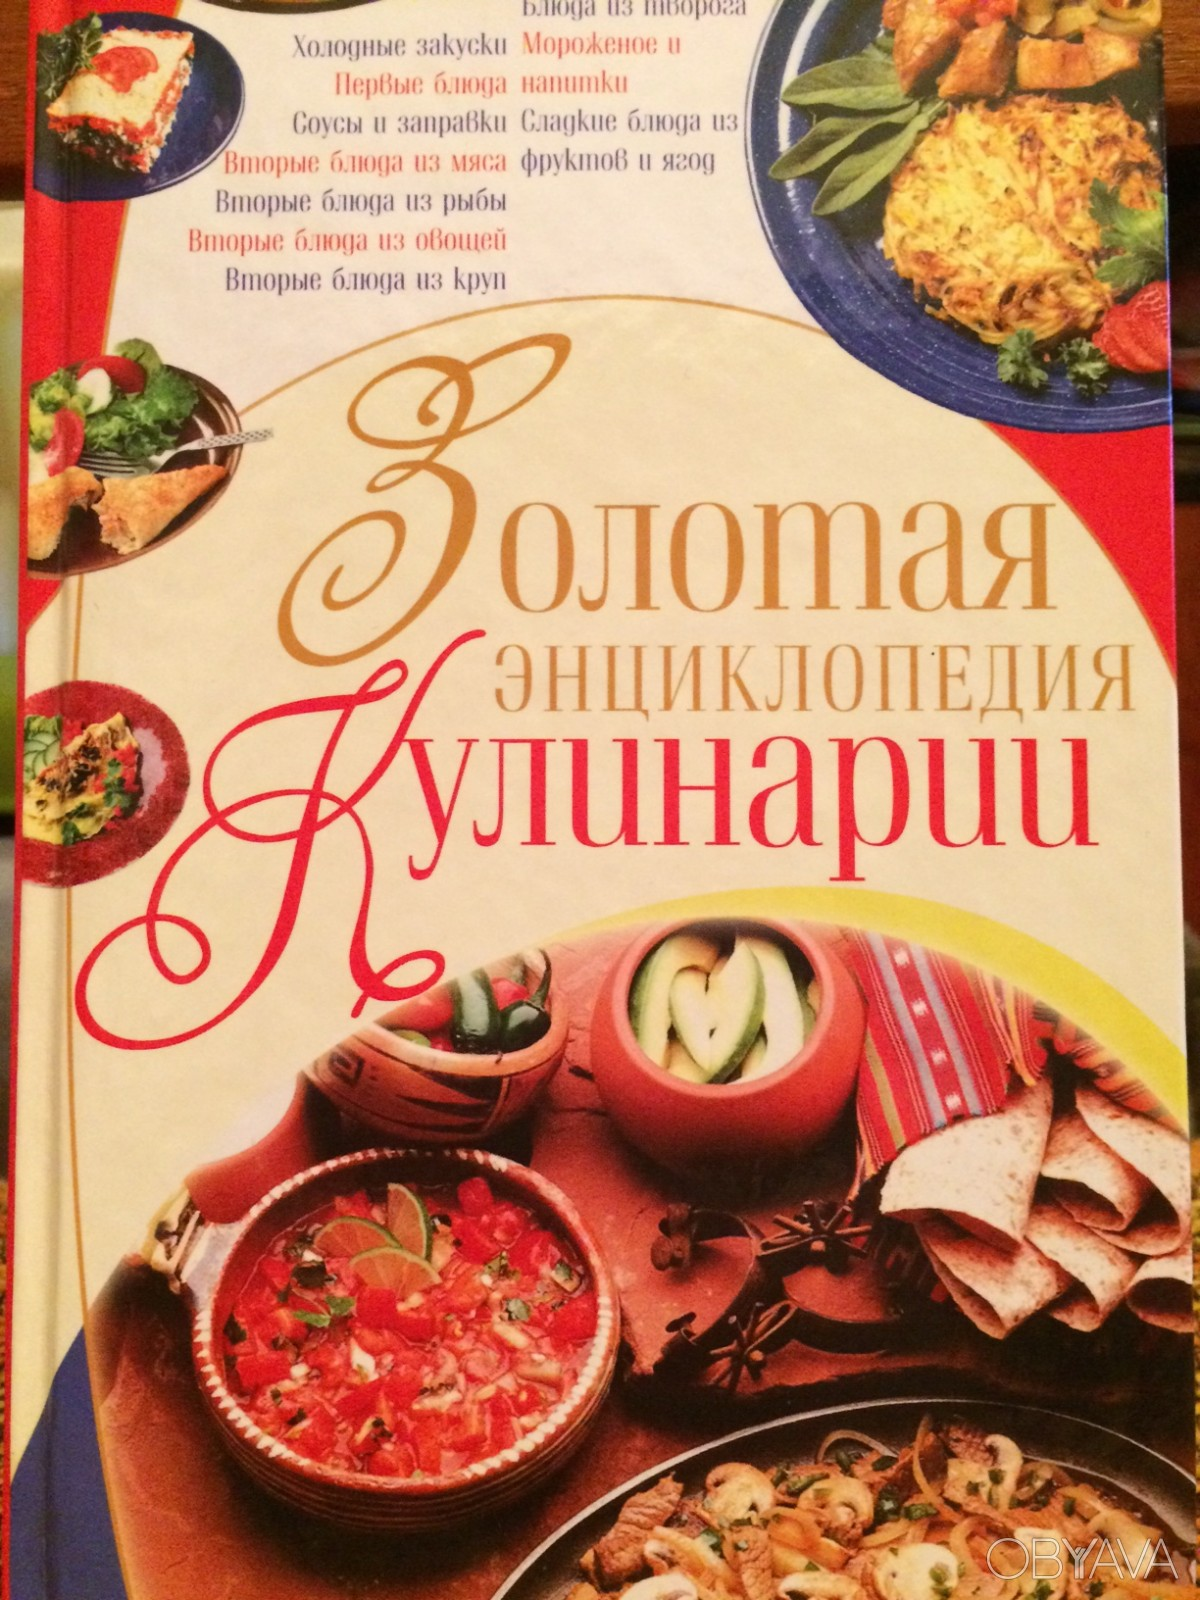 Кулинария всего мира рецепты